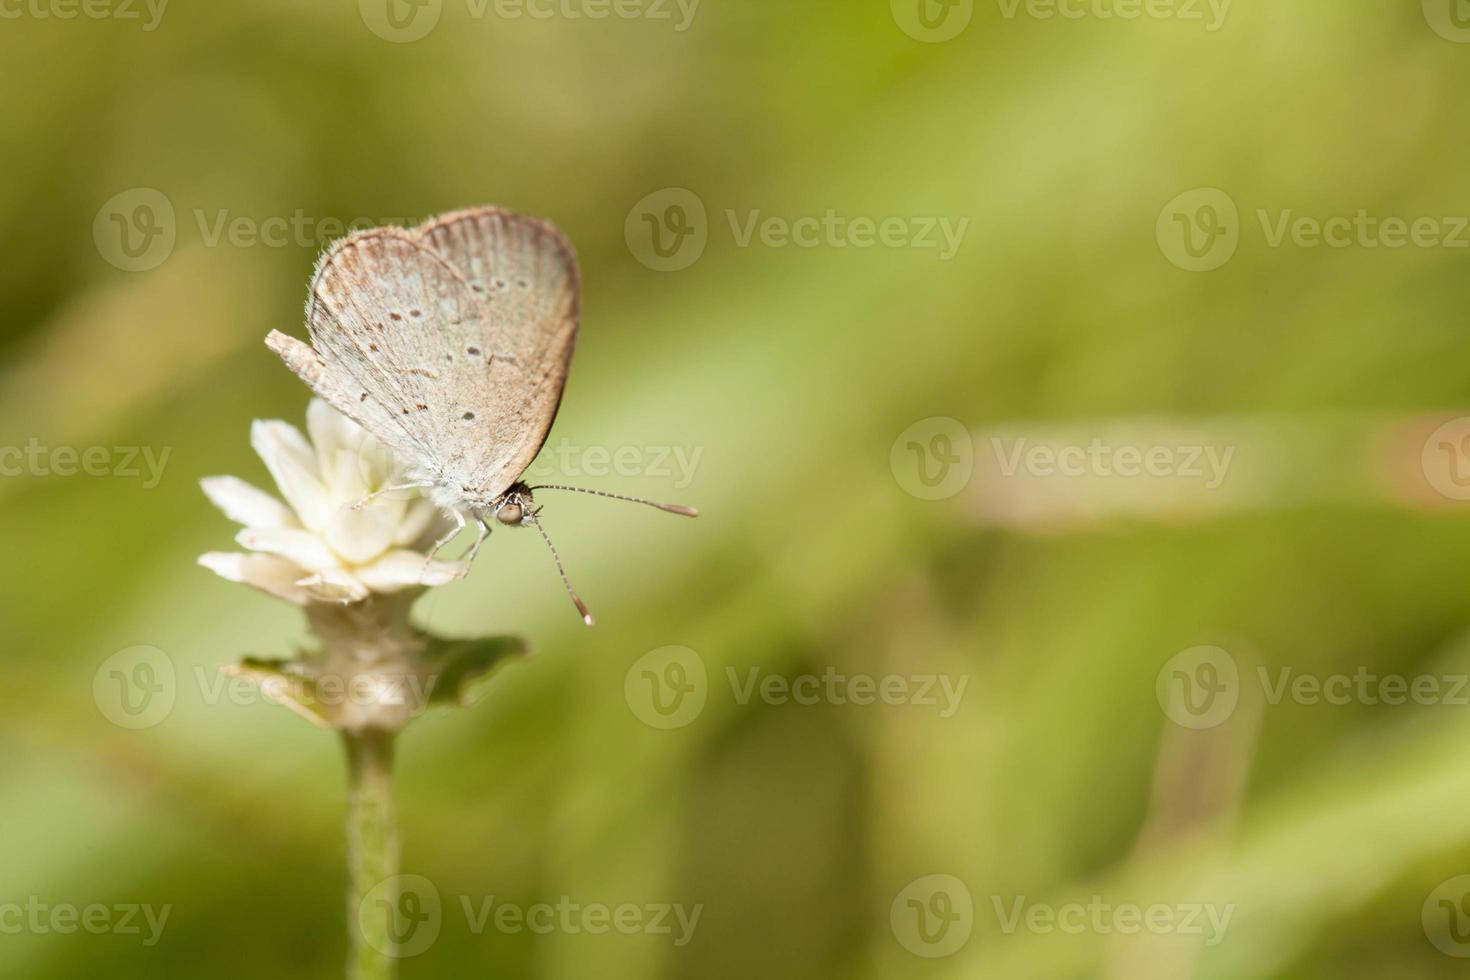 lichtgras blauwe vlinder met wilde wereld eeuwige bloem foto